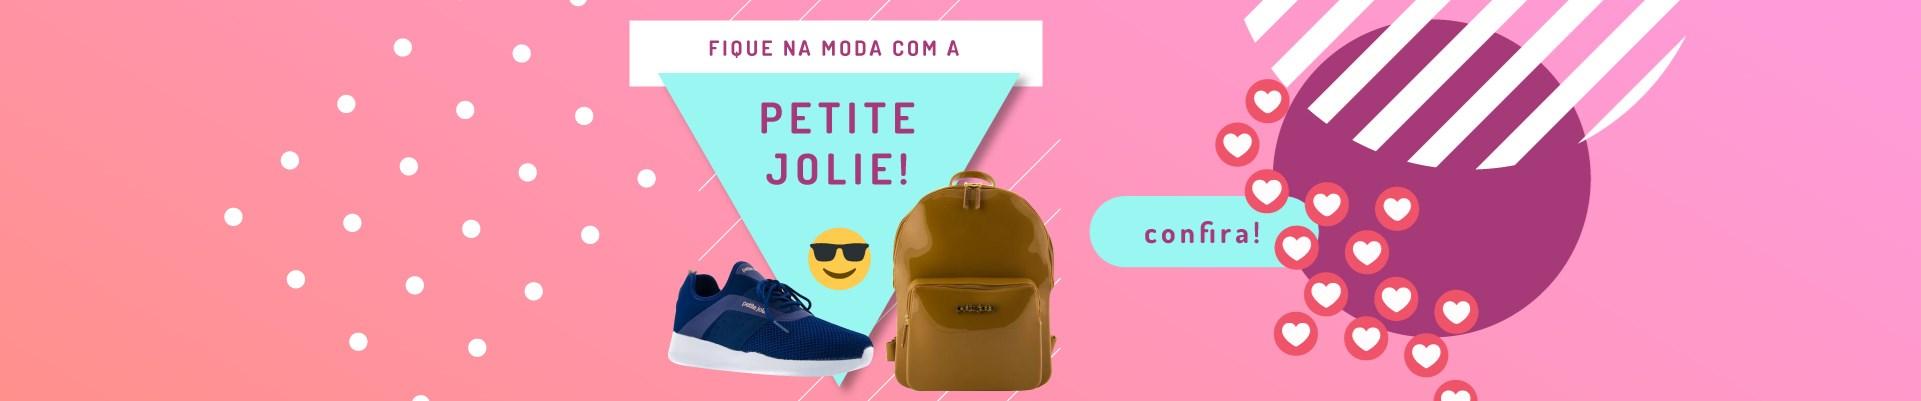 Fique na moda com produtos da Petite Jolie!